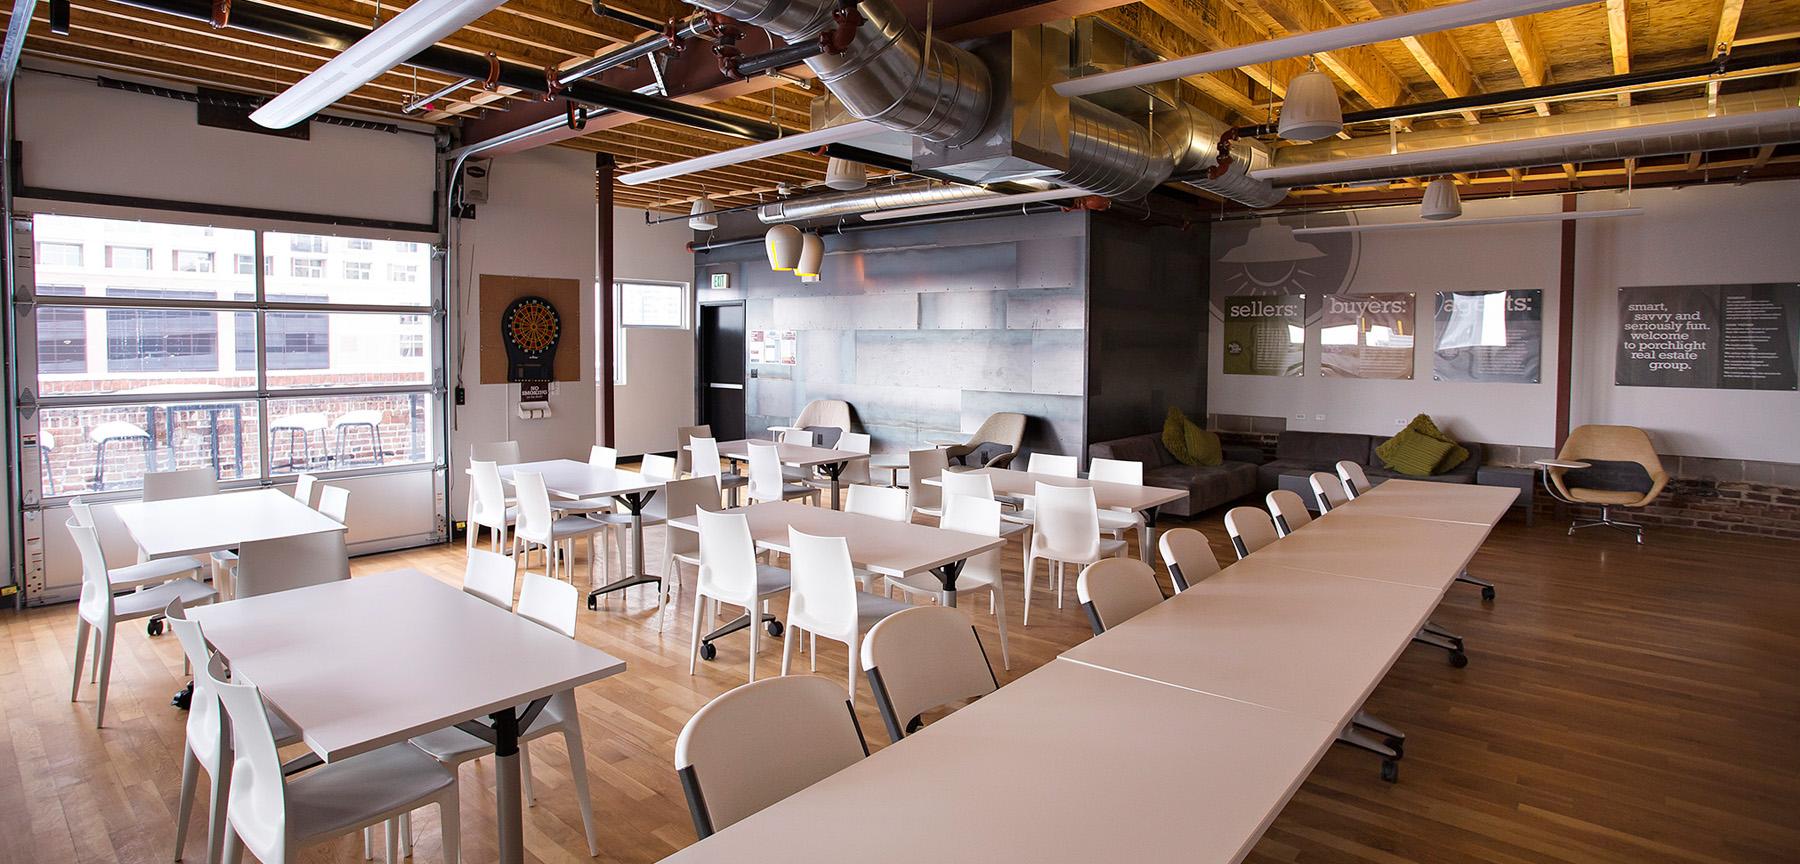 PorchLight Real Estate training room